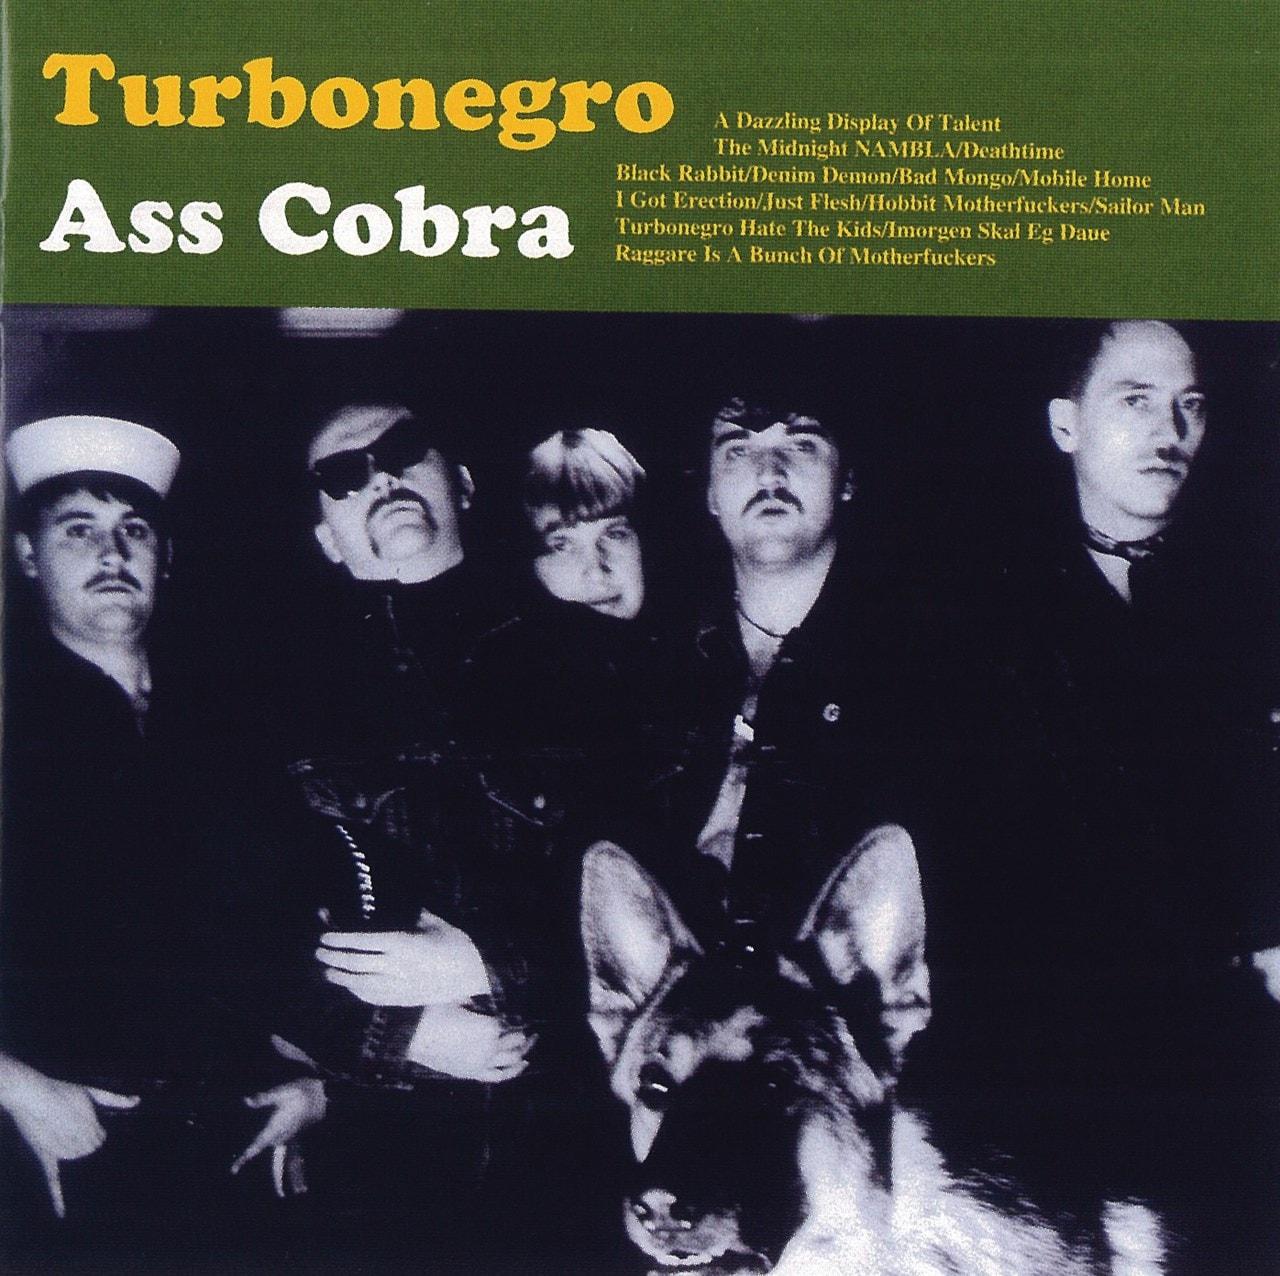 Ass Cobra - 1